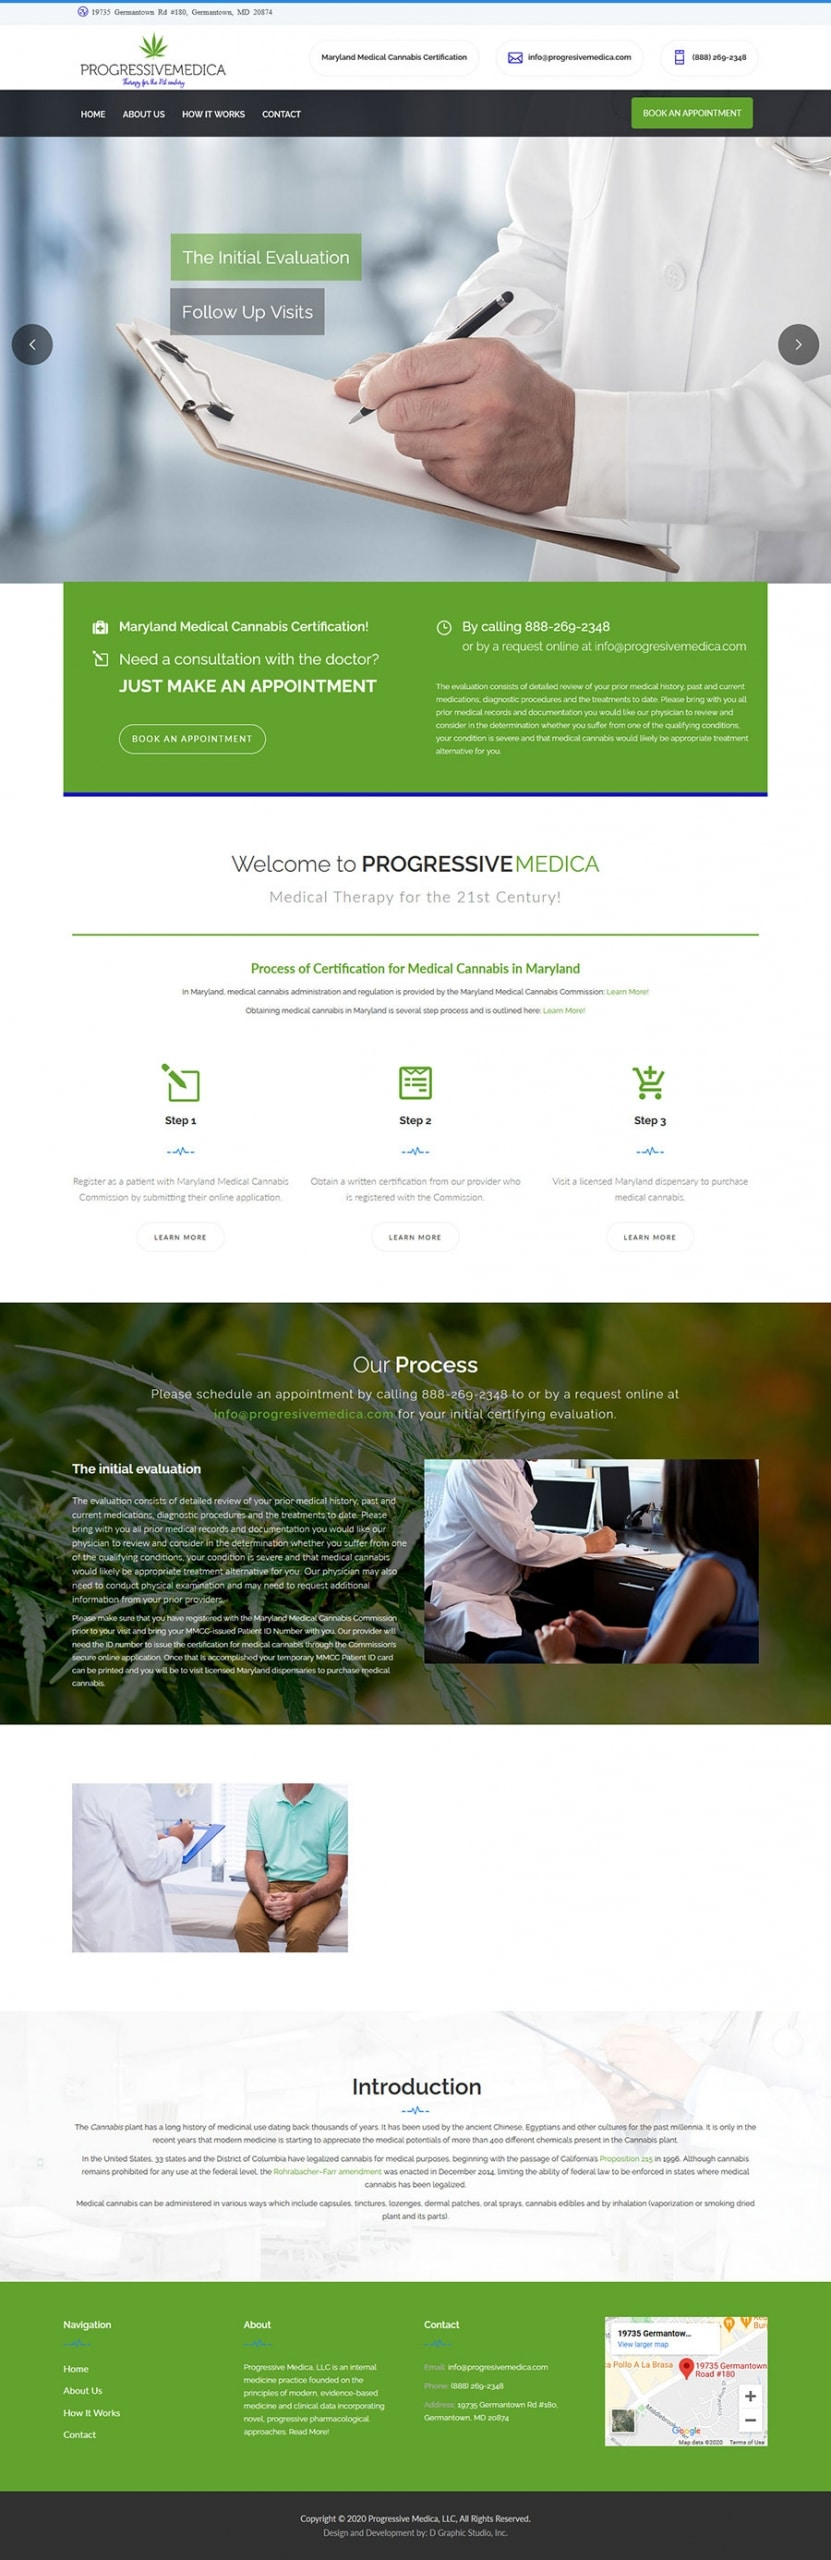 Doctors Web Design Services